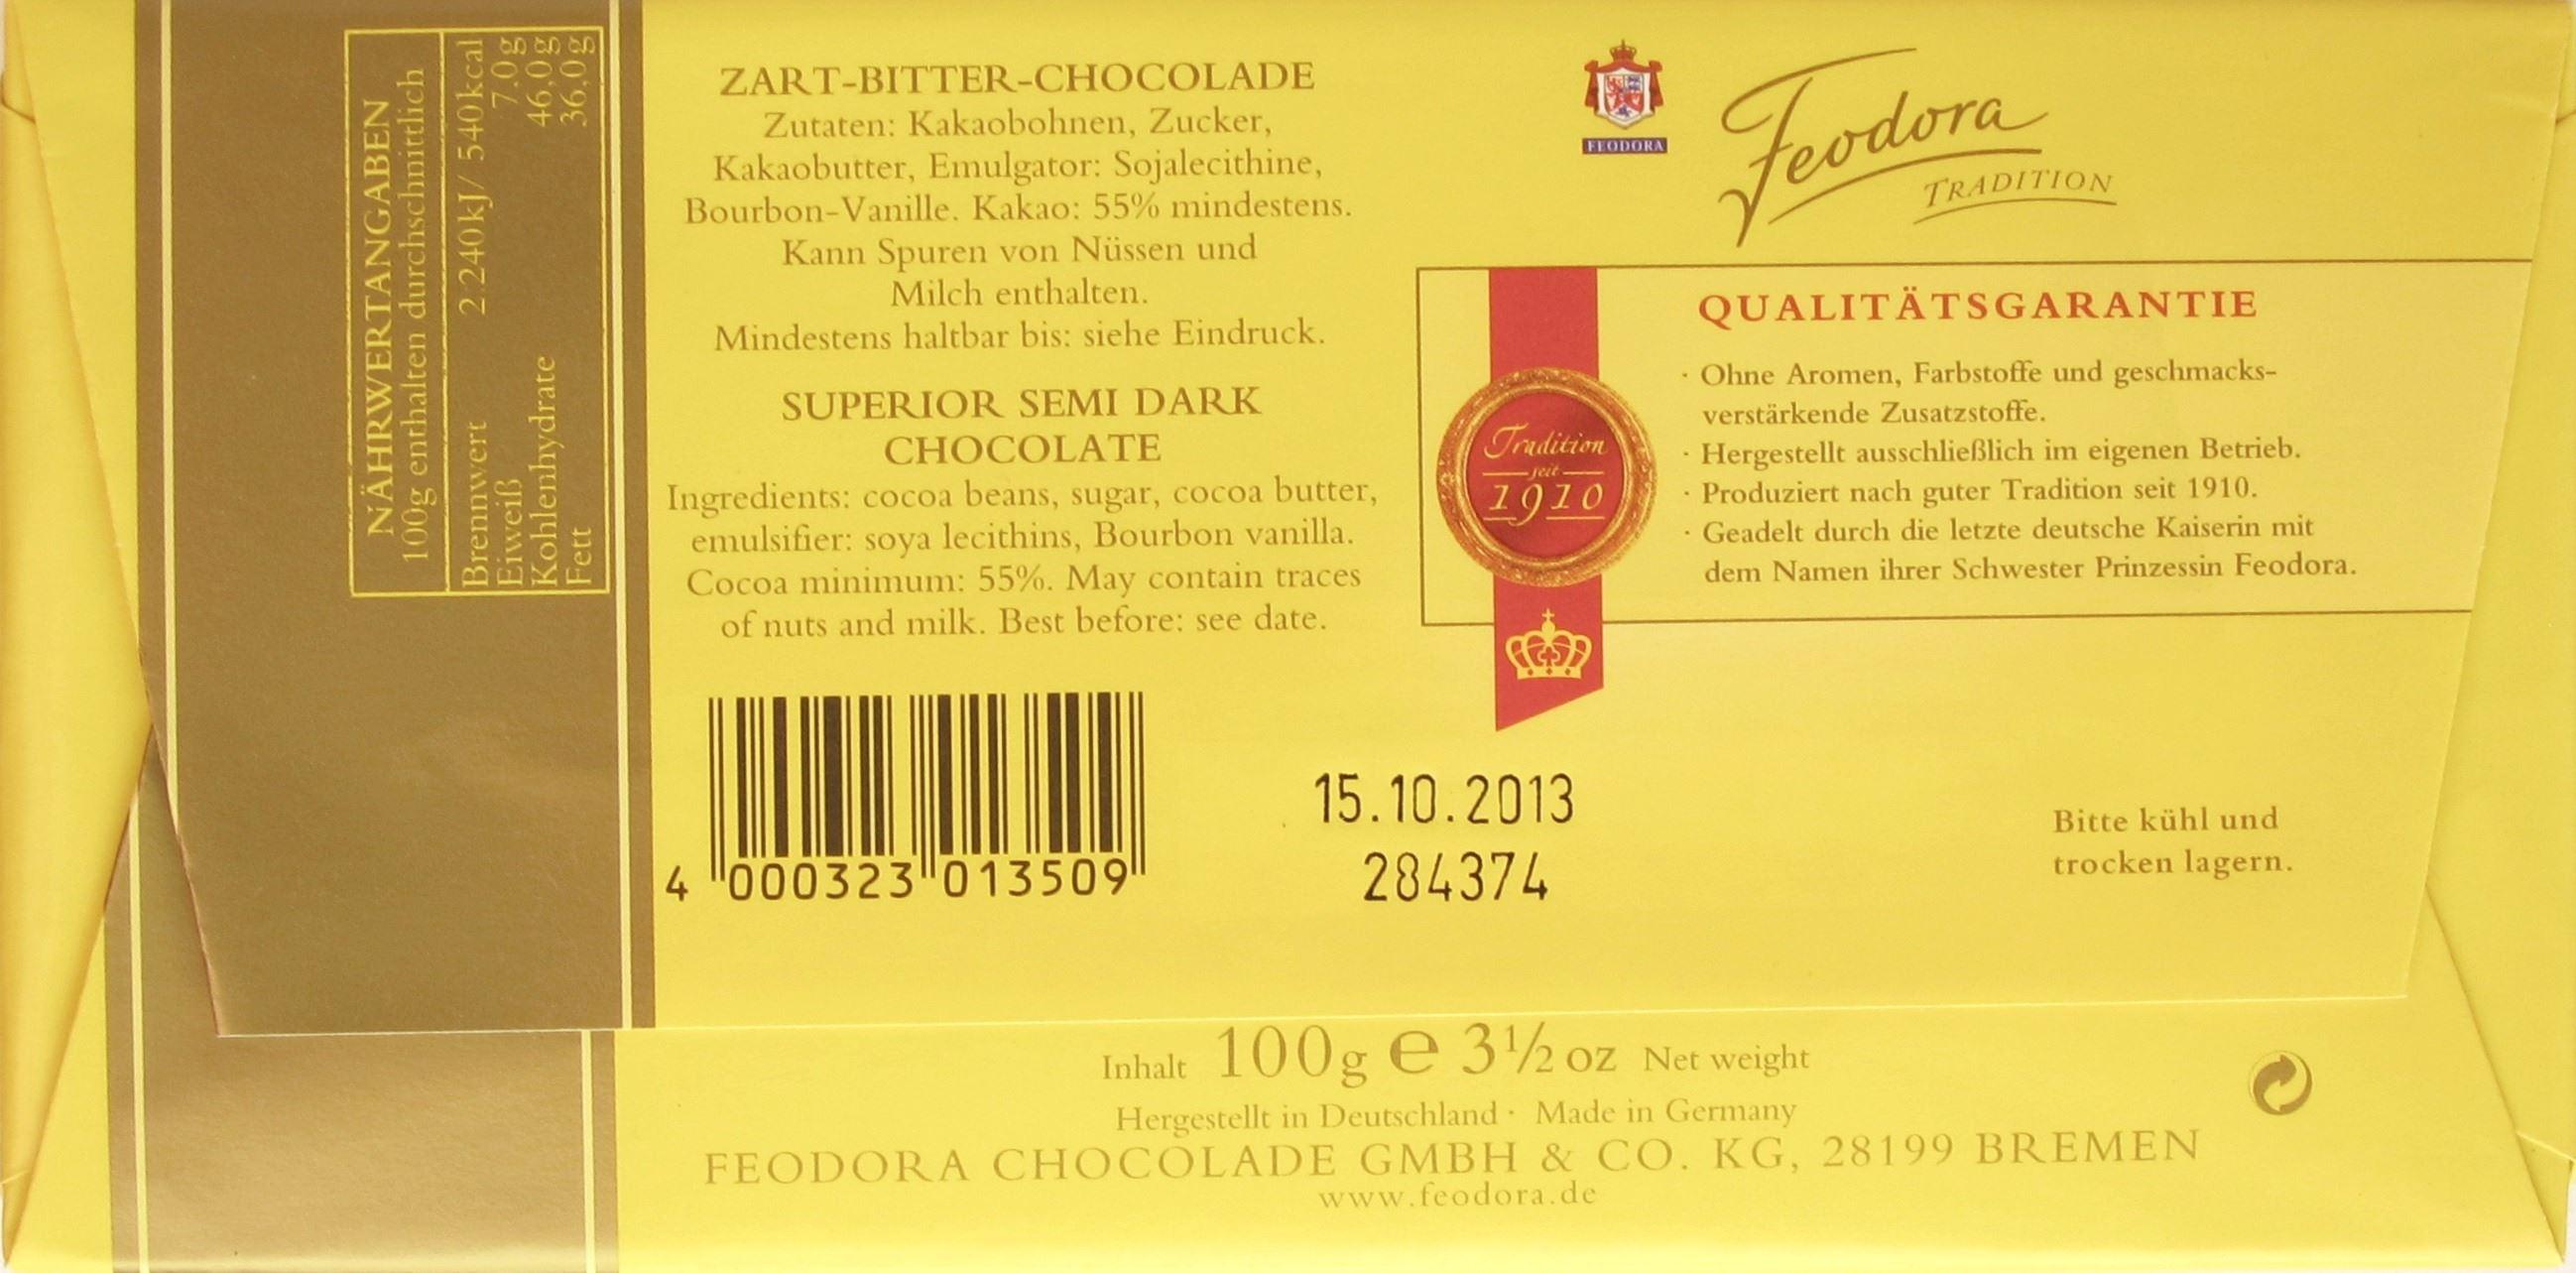 Feodora Zart-Bitter-Chocolade, 55% - Inhaltsangaben